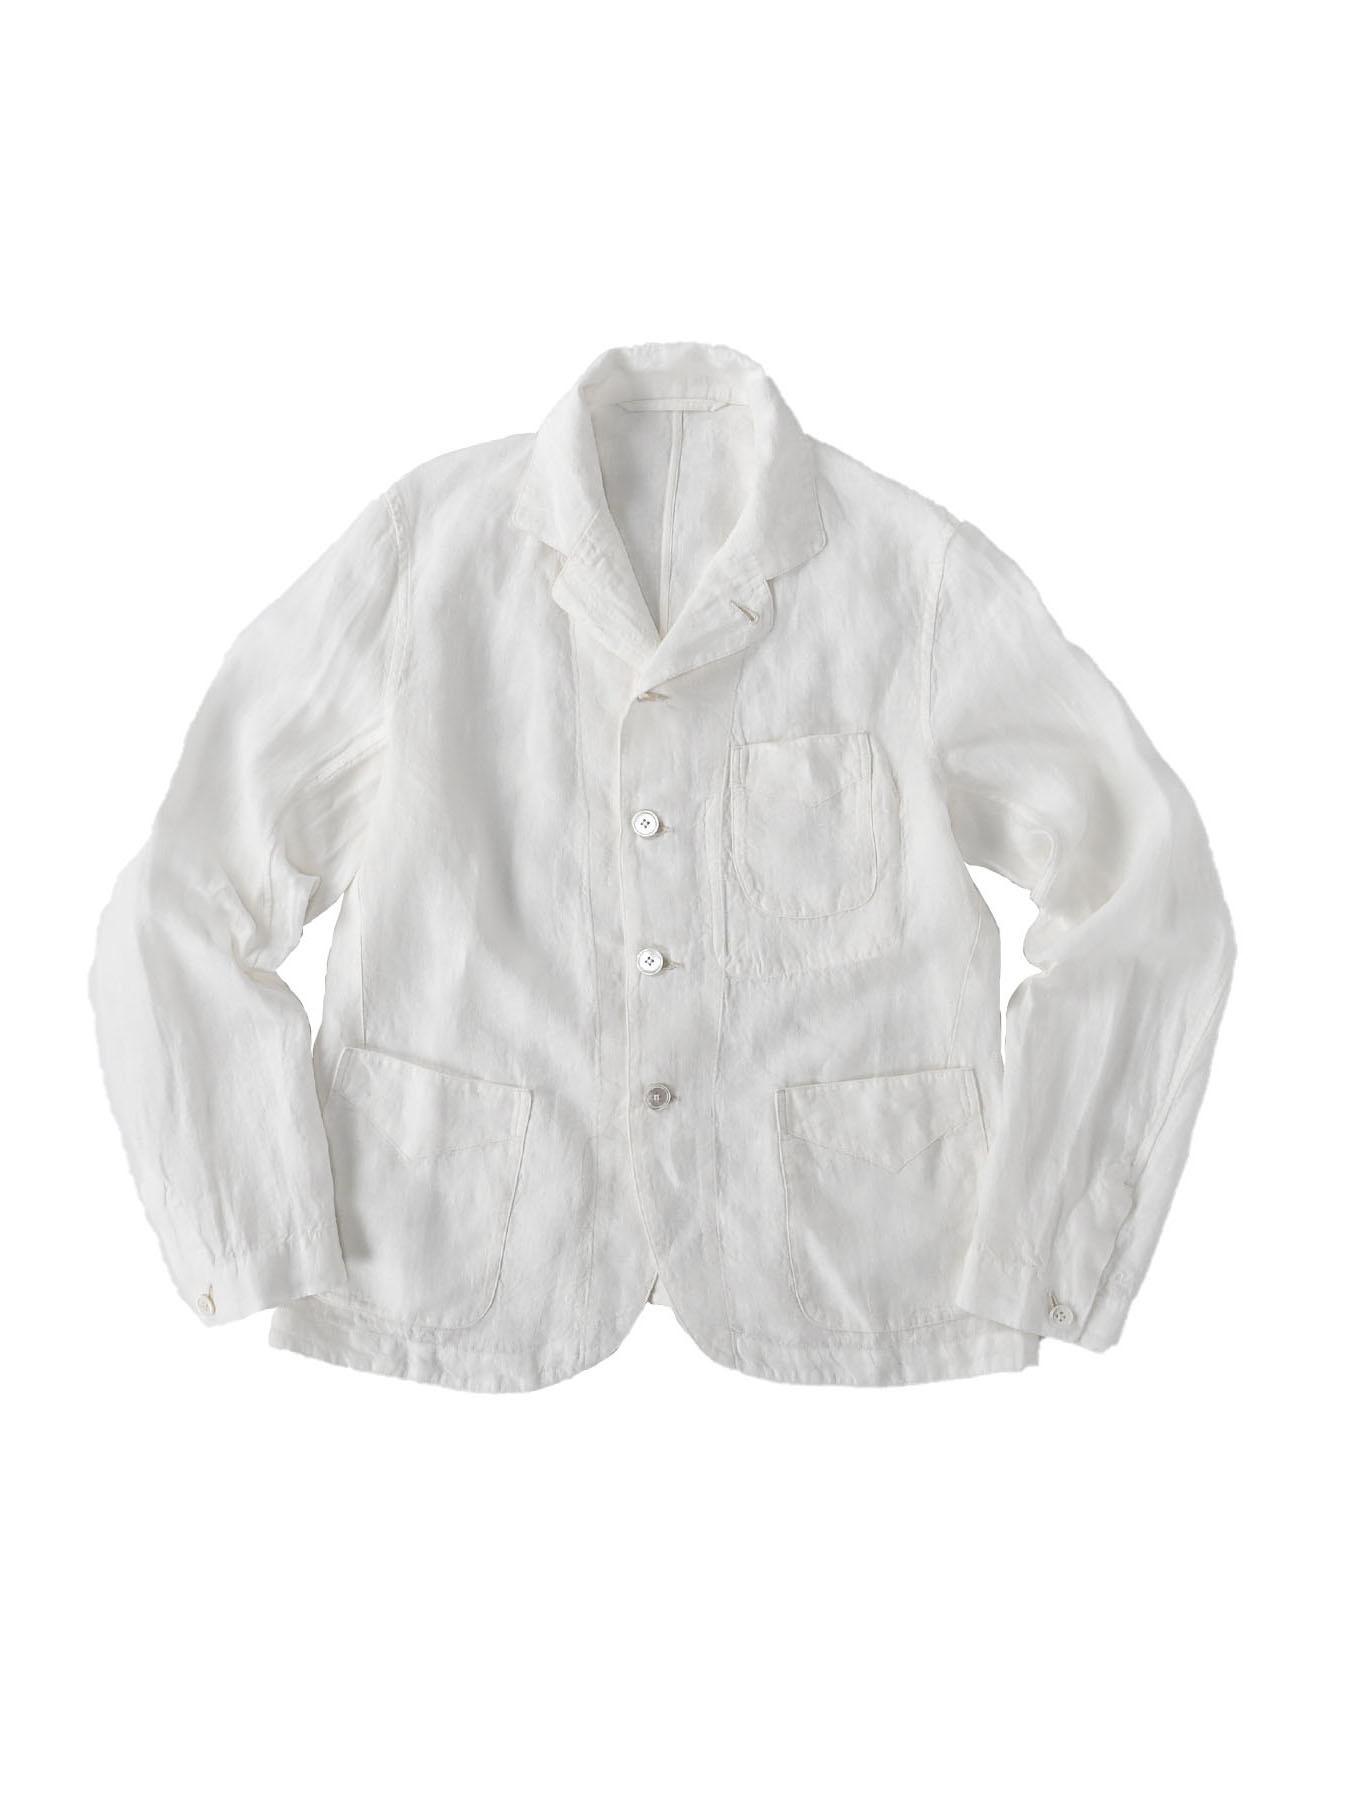 Indian Linen Flat Shirt Jacket (0521)-6